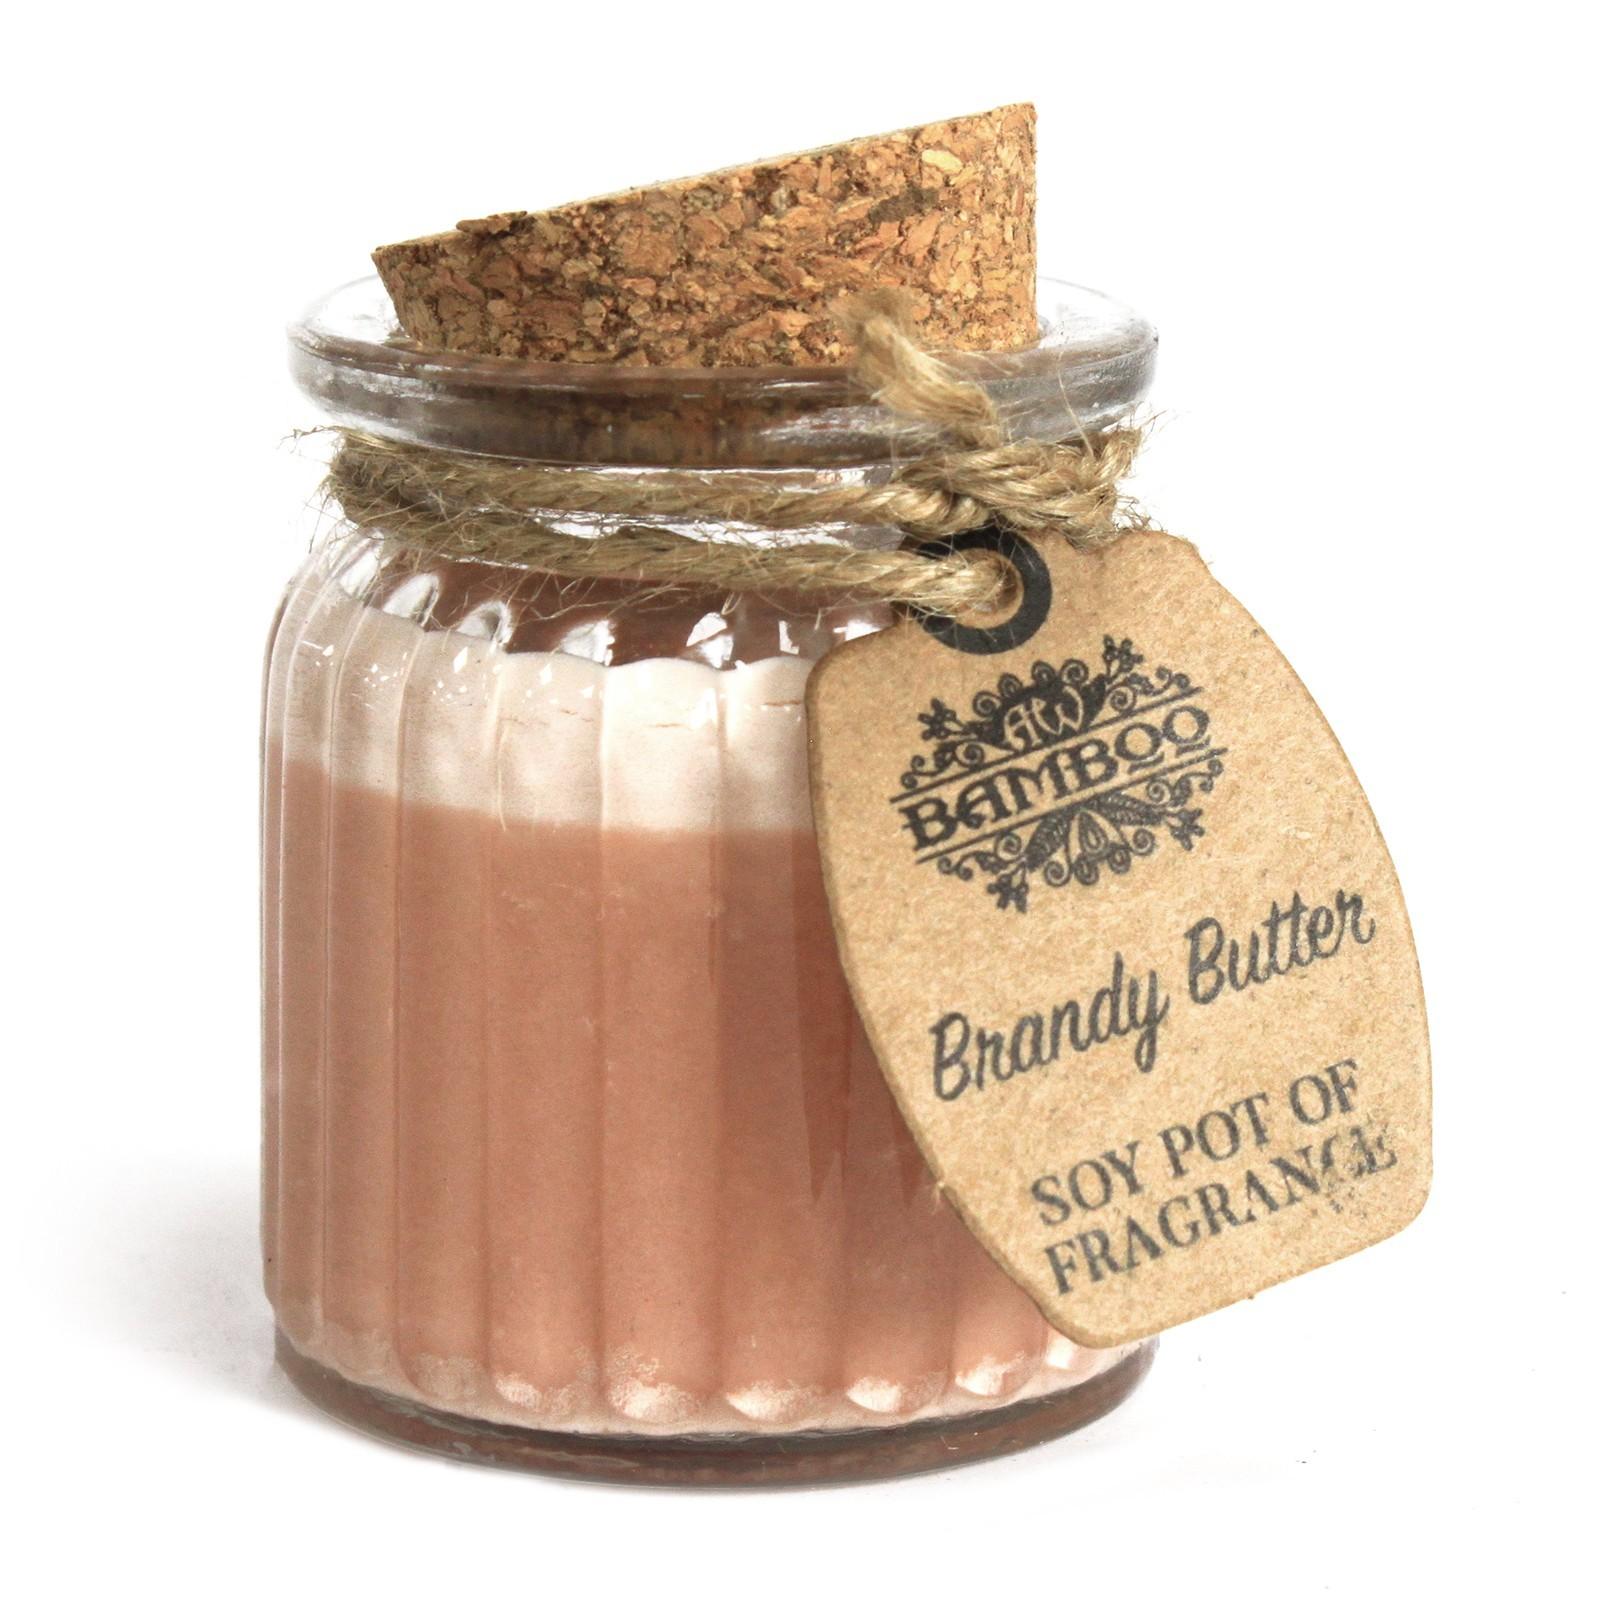 Sójová Vonná Svíčka - Brandy Butter